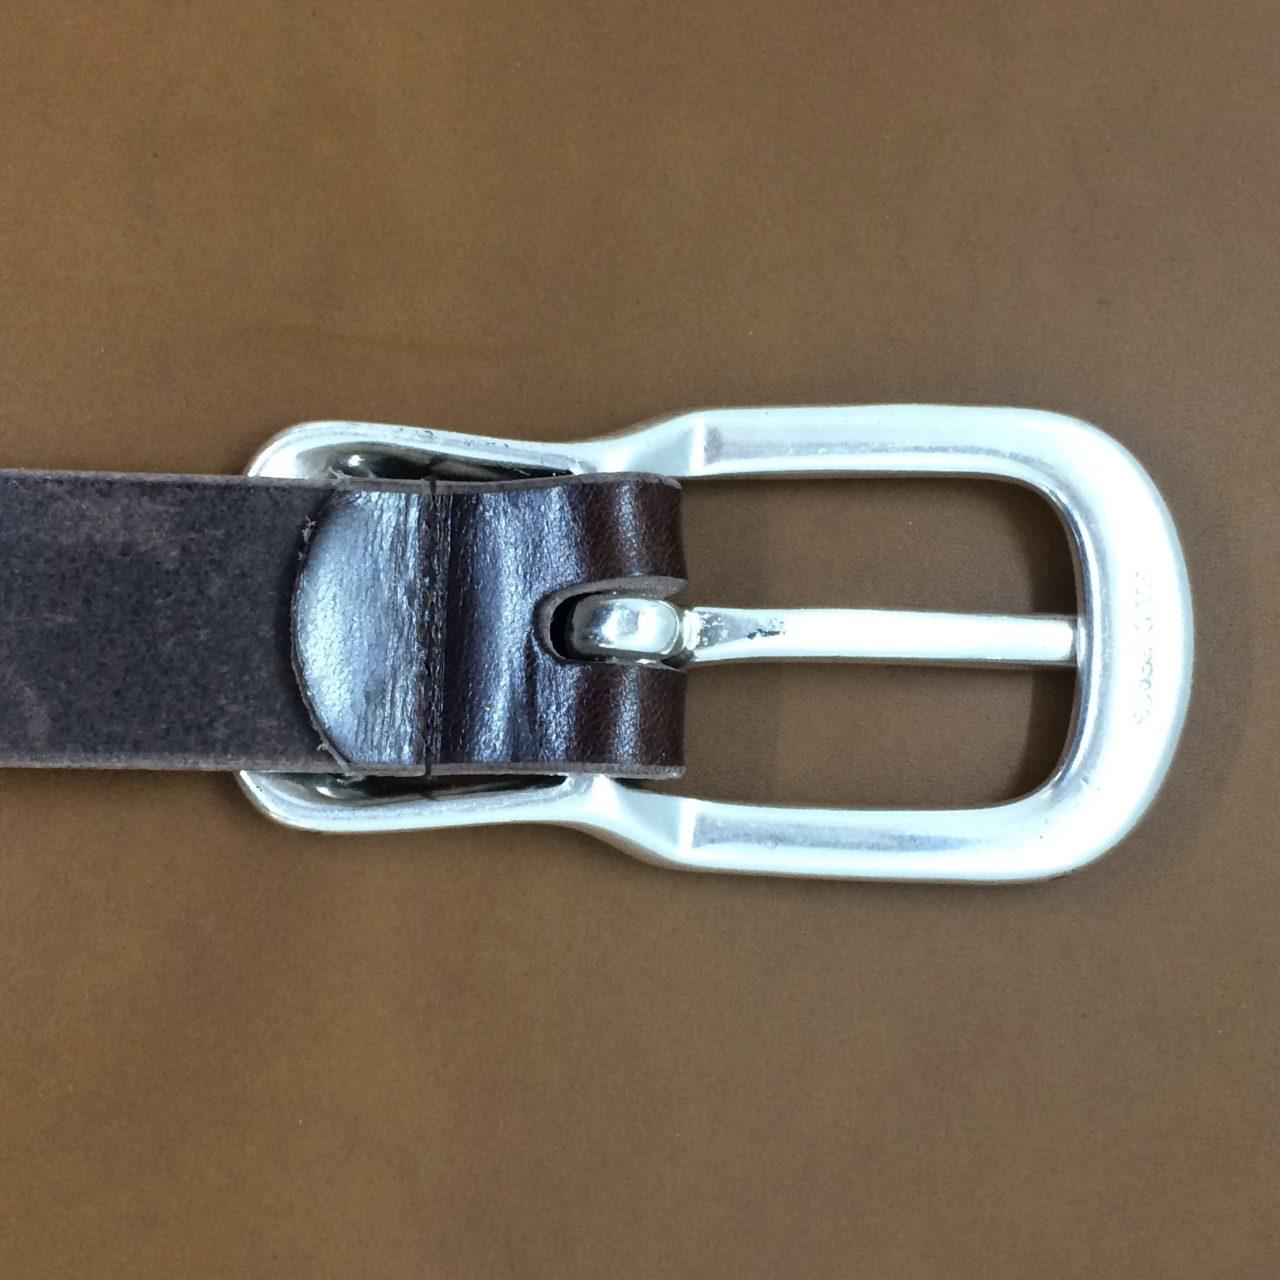 栃木レザー  本革ベルト デニムにバッチリ合う30ミリ幅 レザーベルト 自社生産